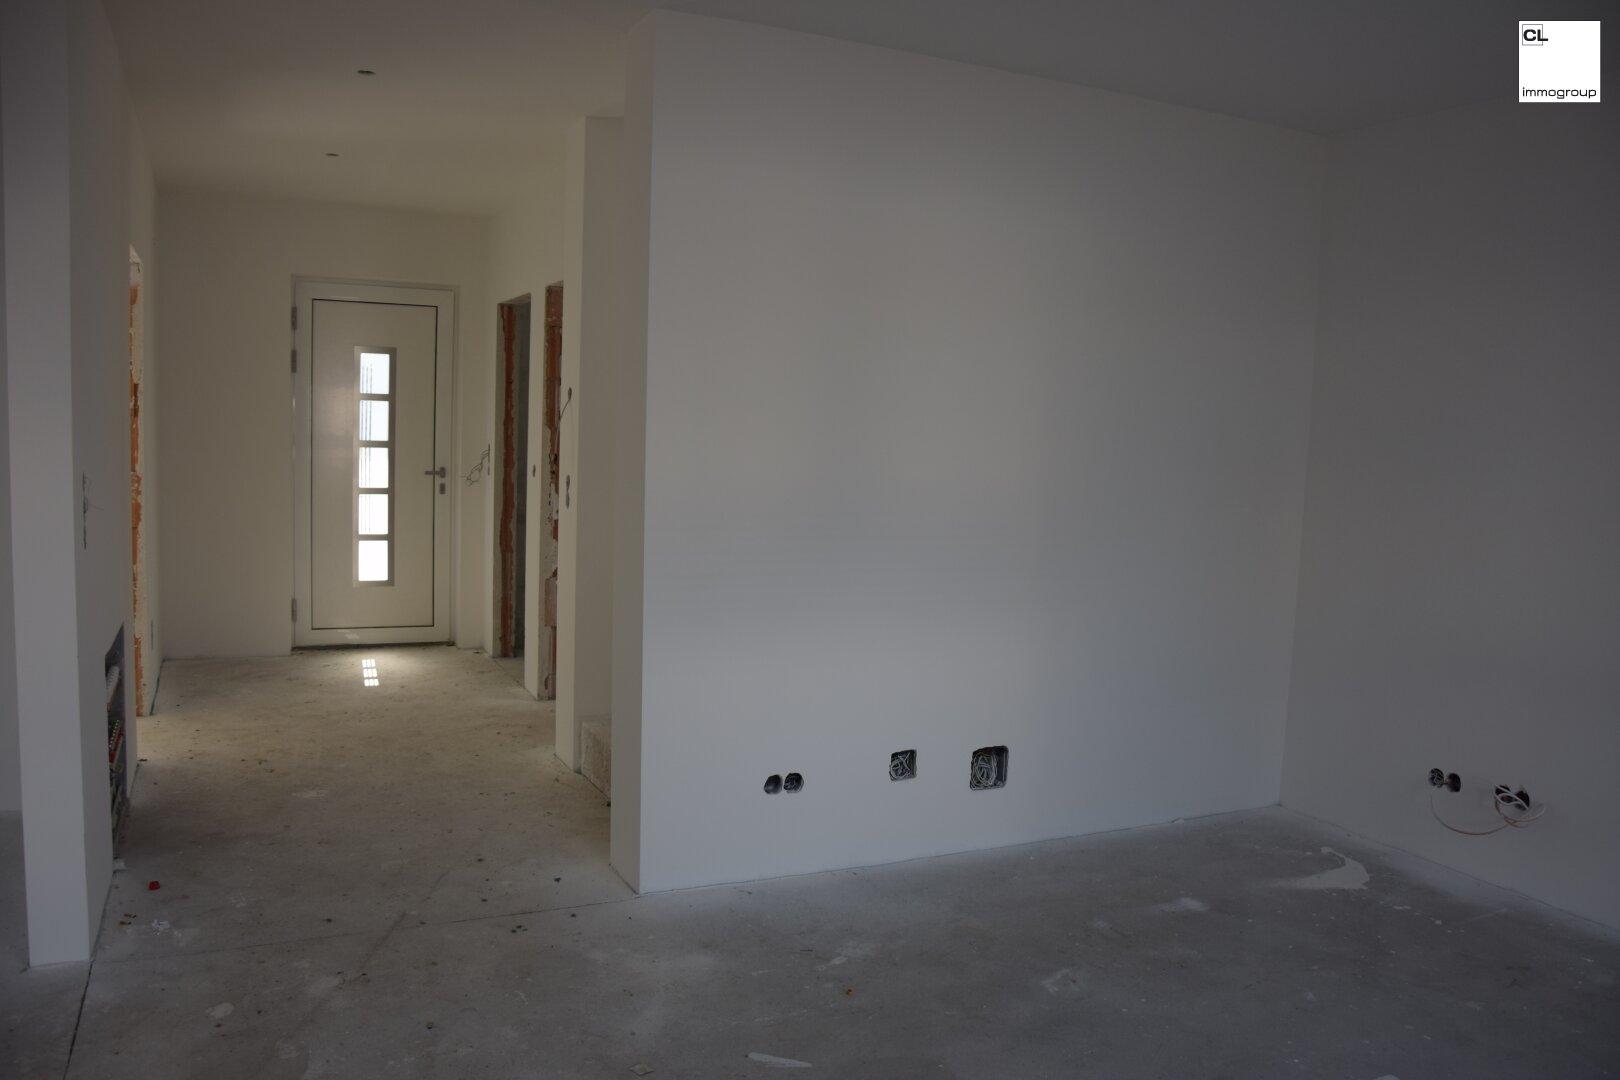 Vorzimmer und Wohnraum - Ansicht